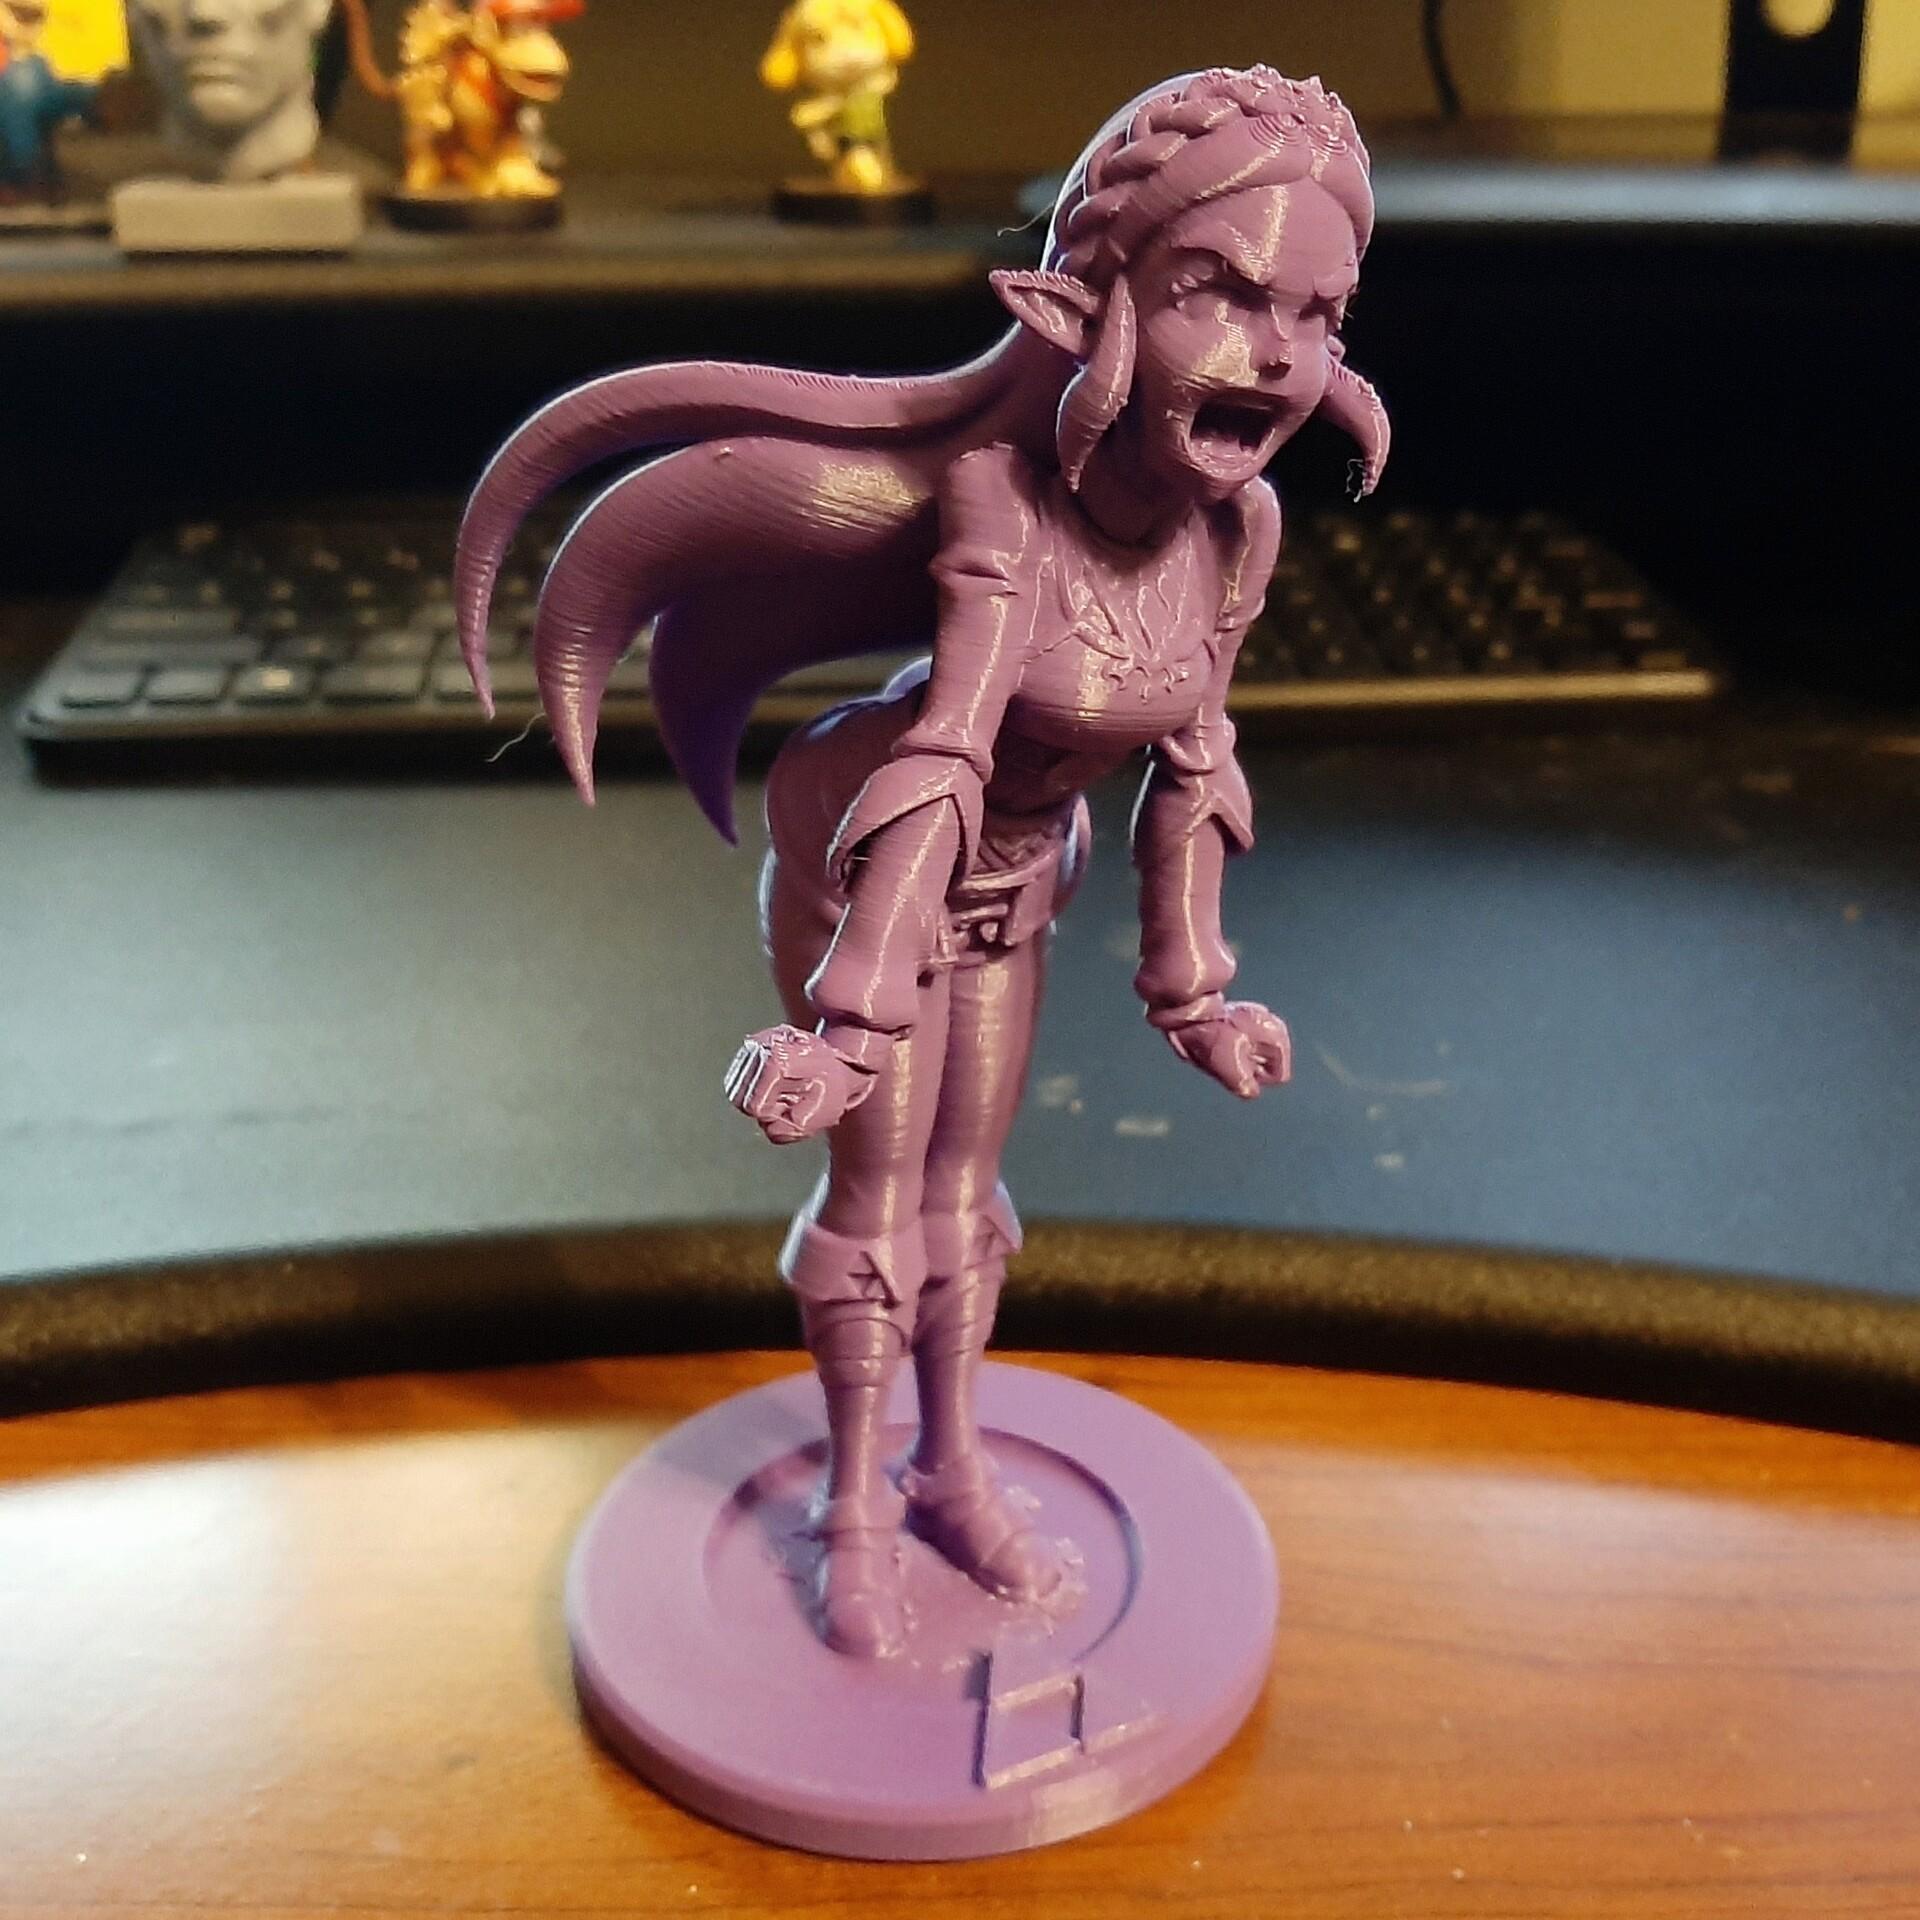 3D Print of Zelda